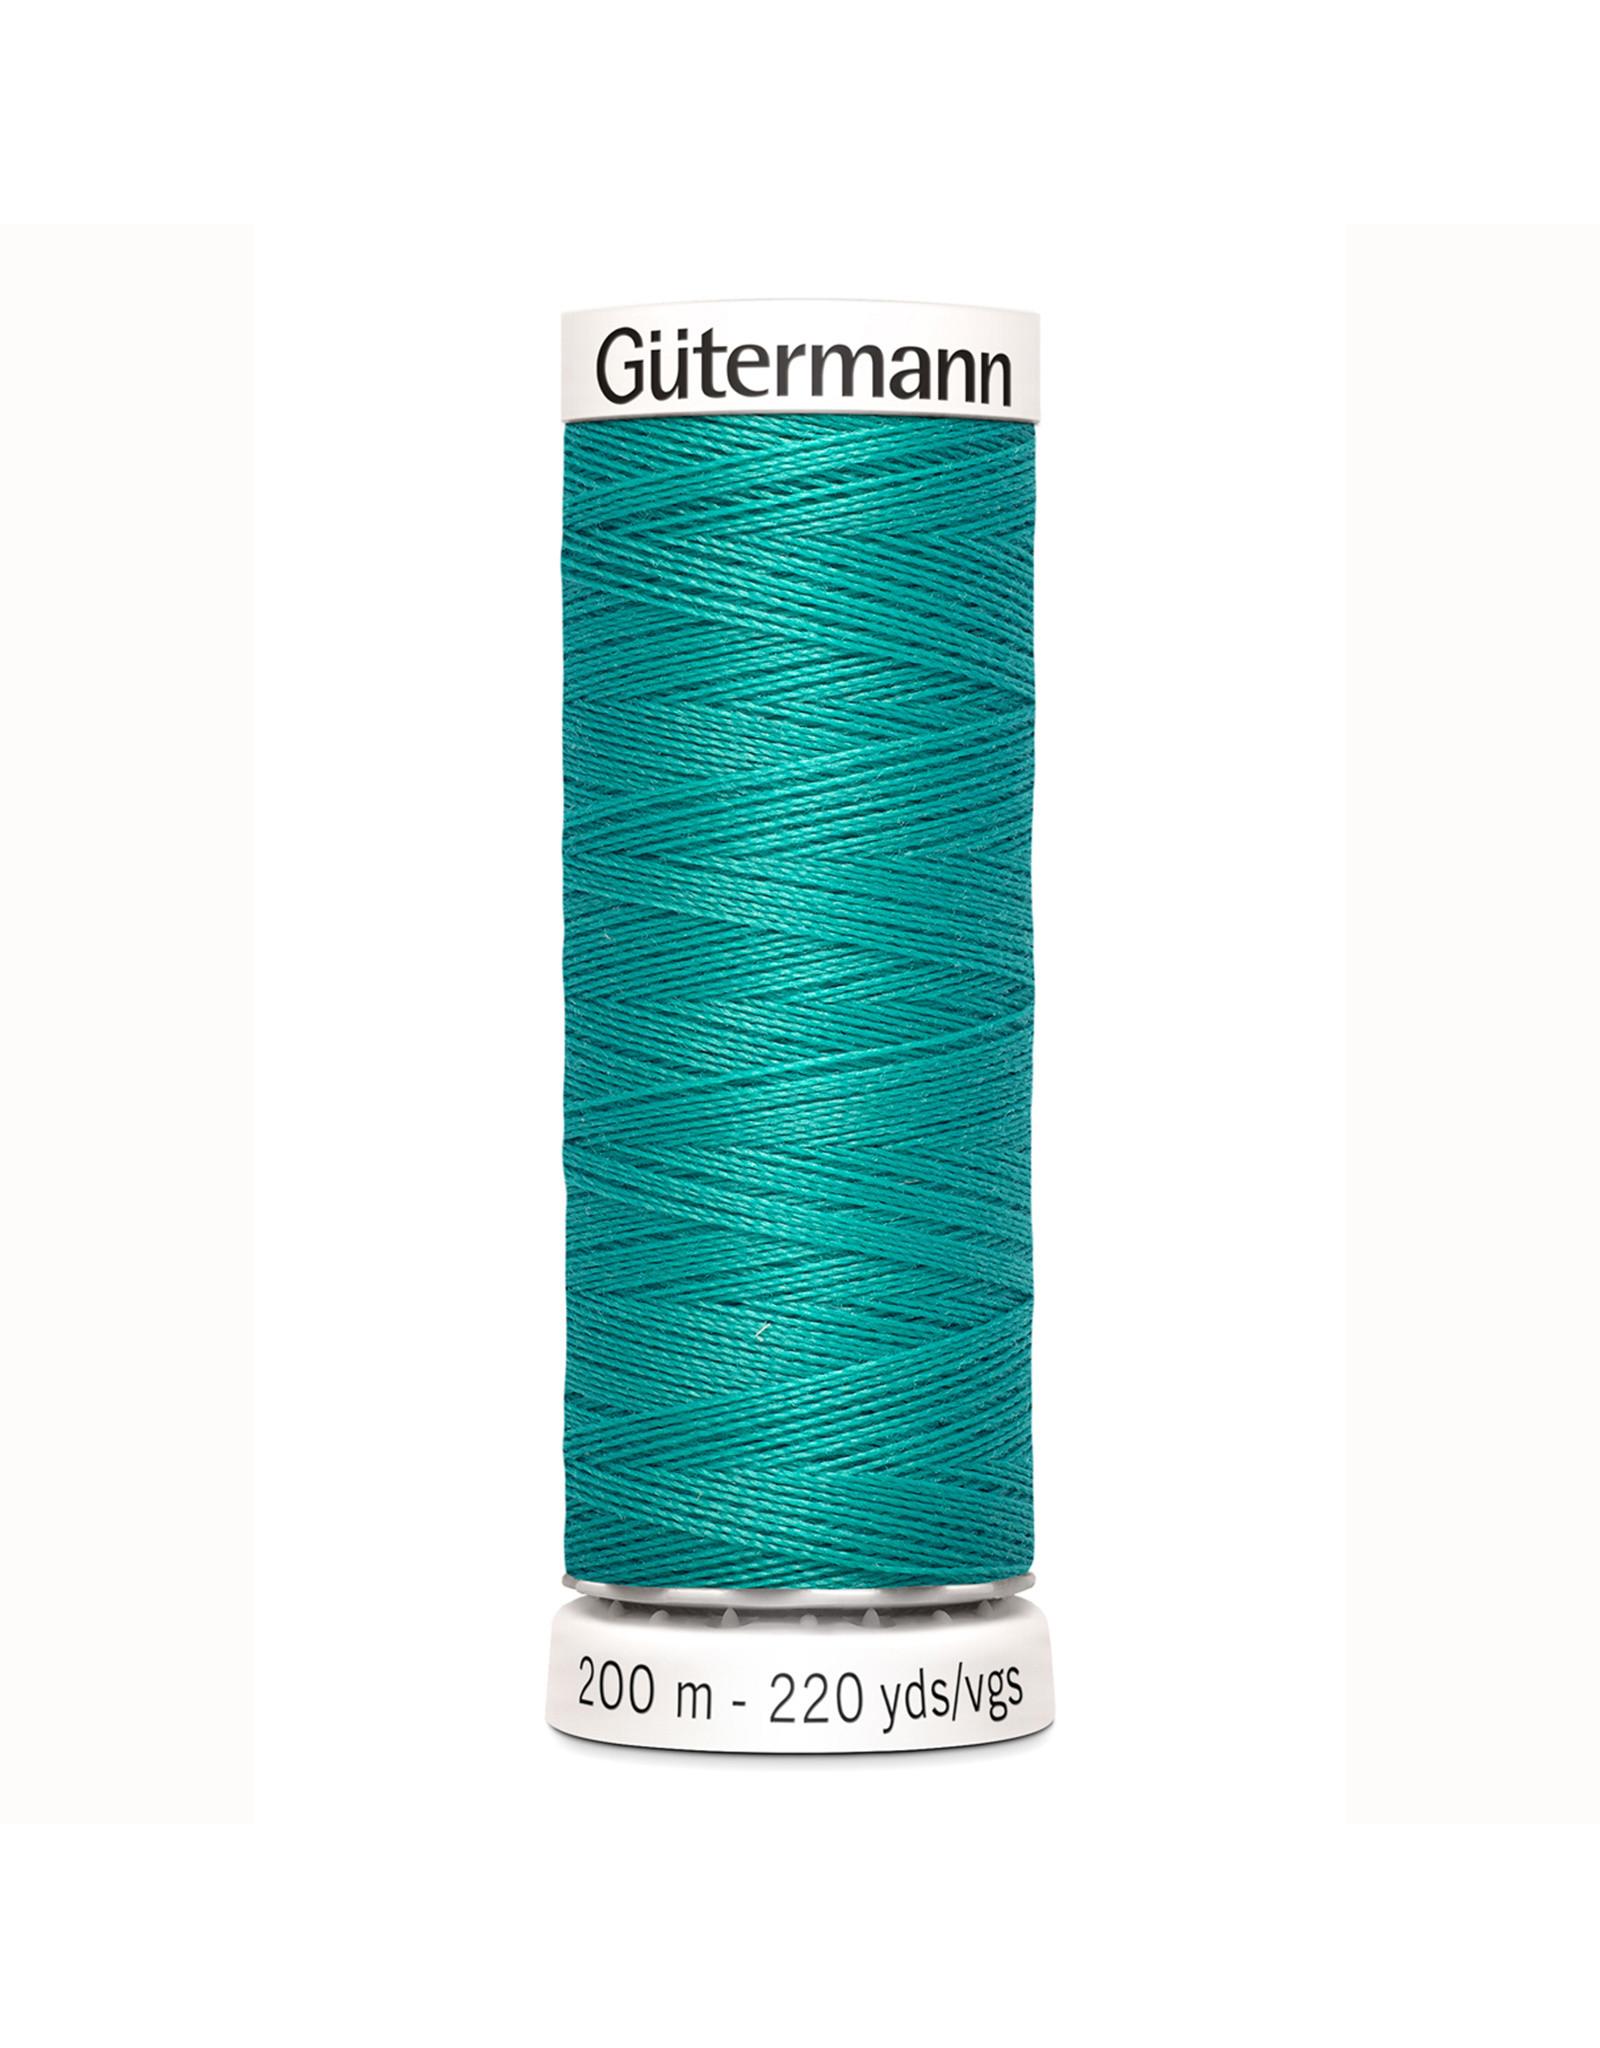 Gütermann Gütermann Nähgarn 200 m - nr 235